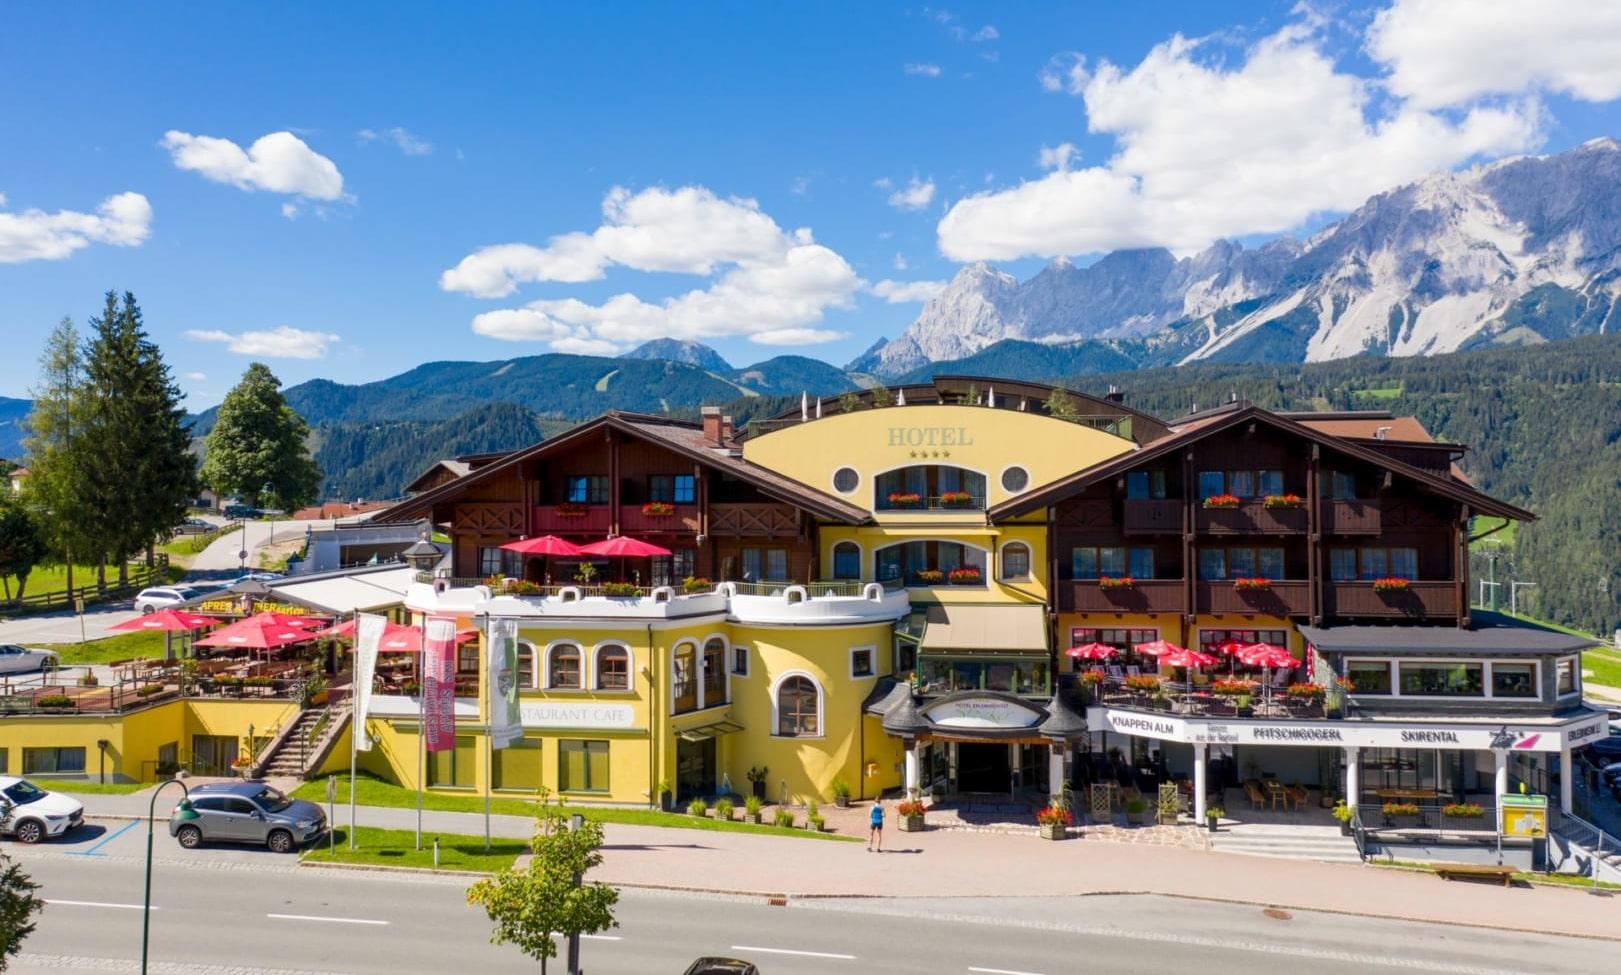 Sommerliche Hotelansicht Erlebniswelt mit Bergen im Hintergrund